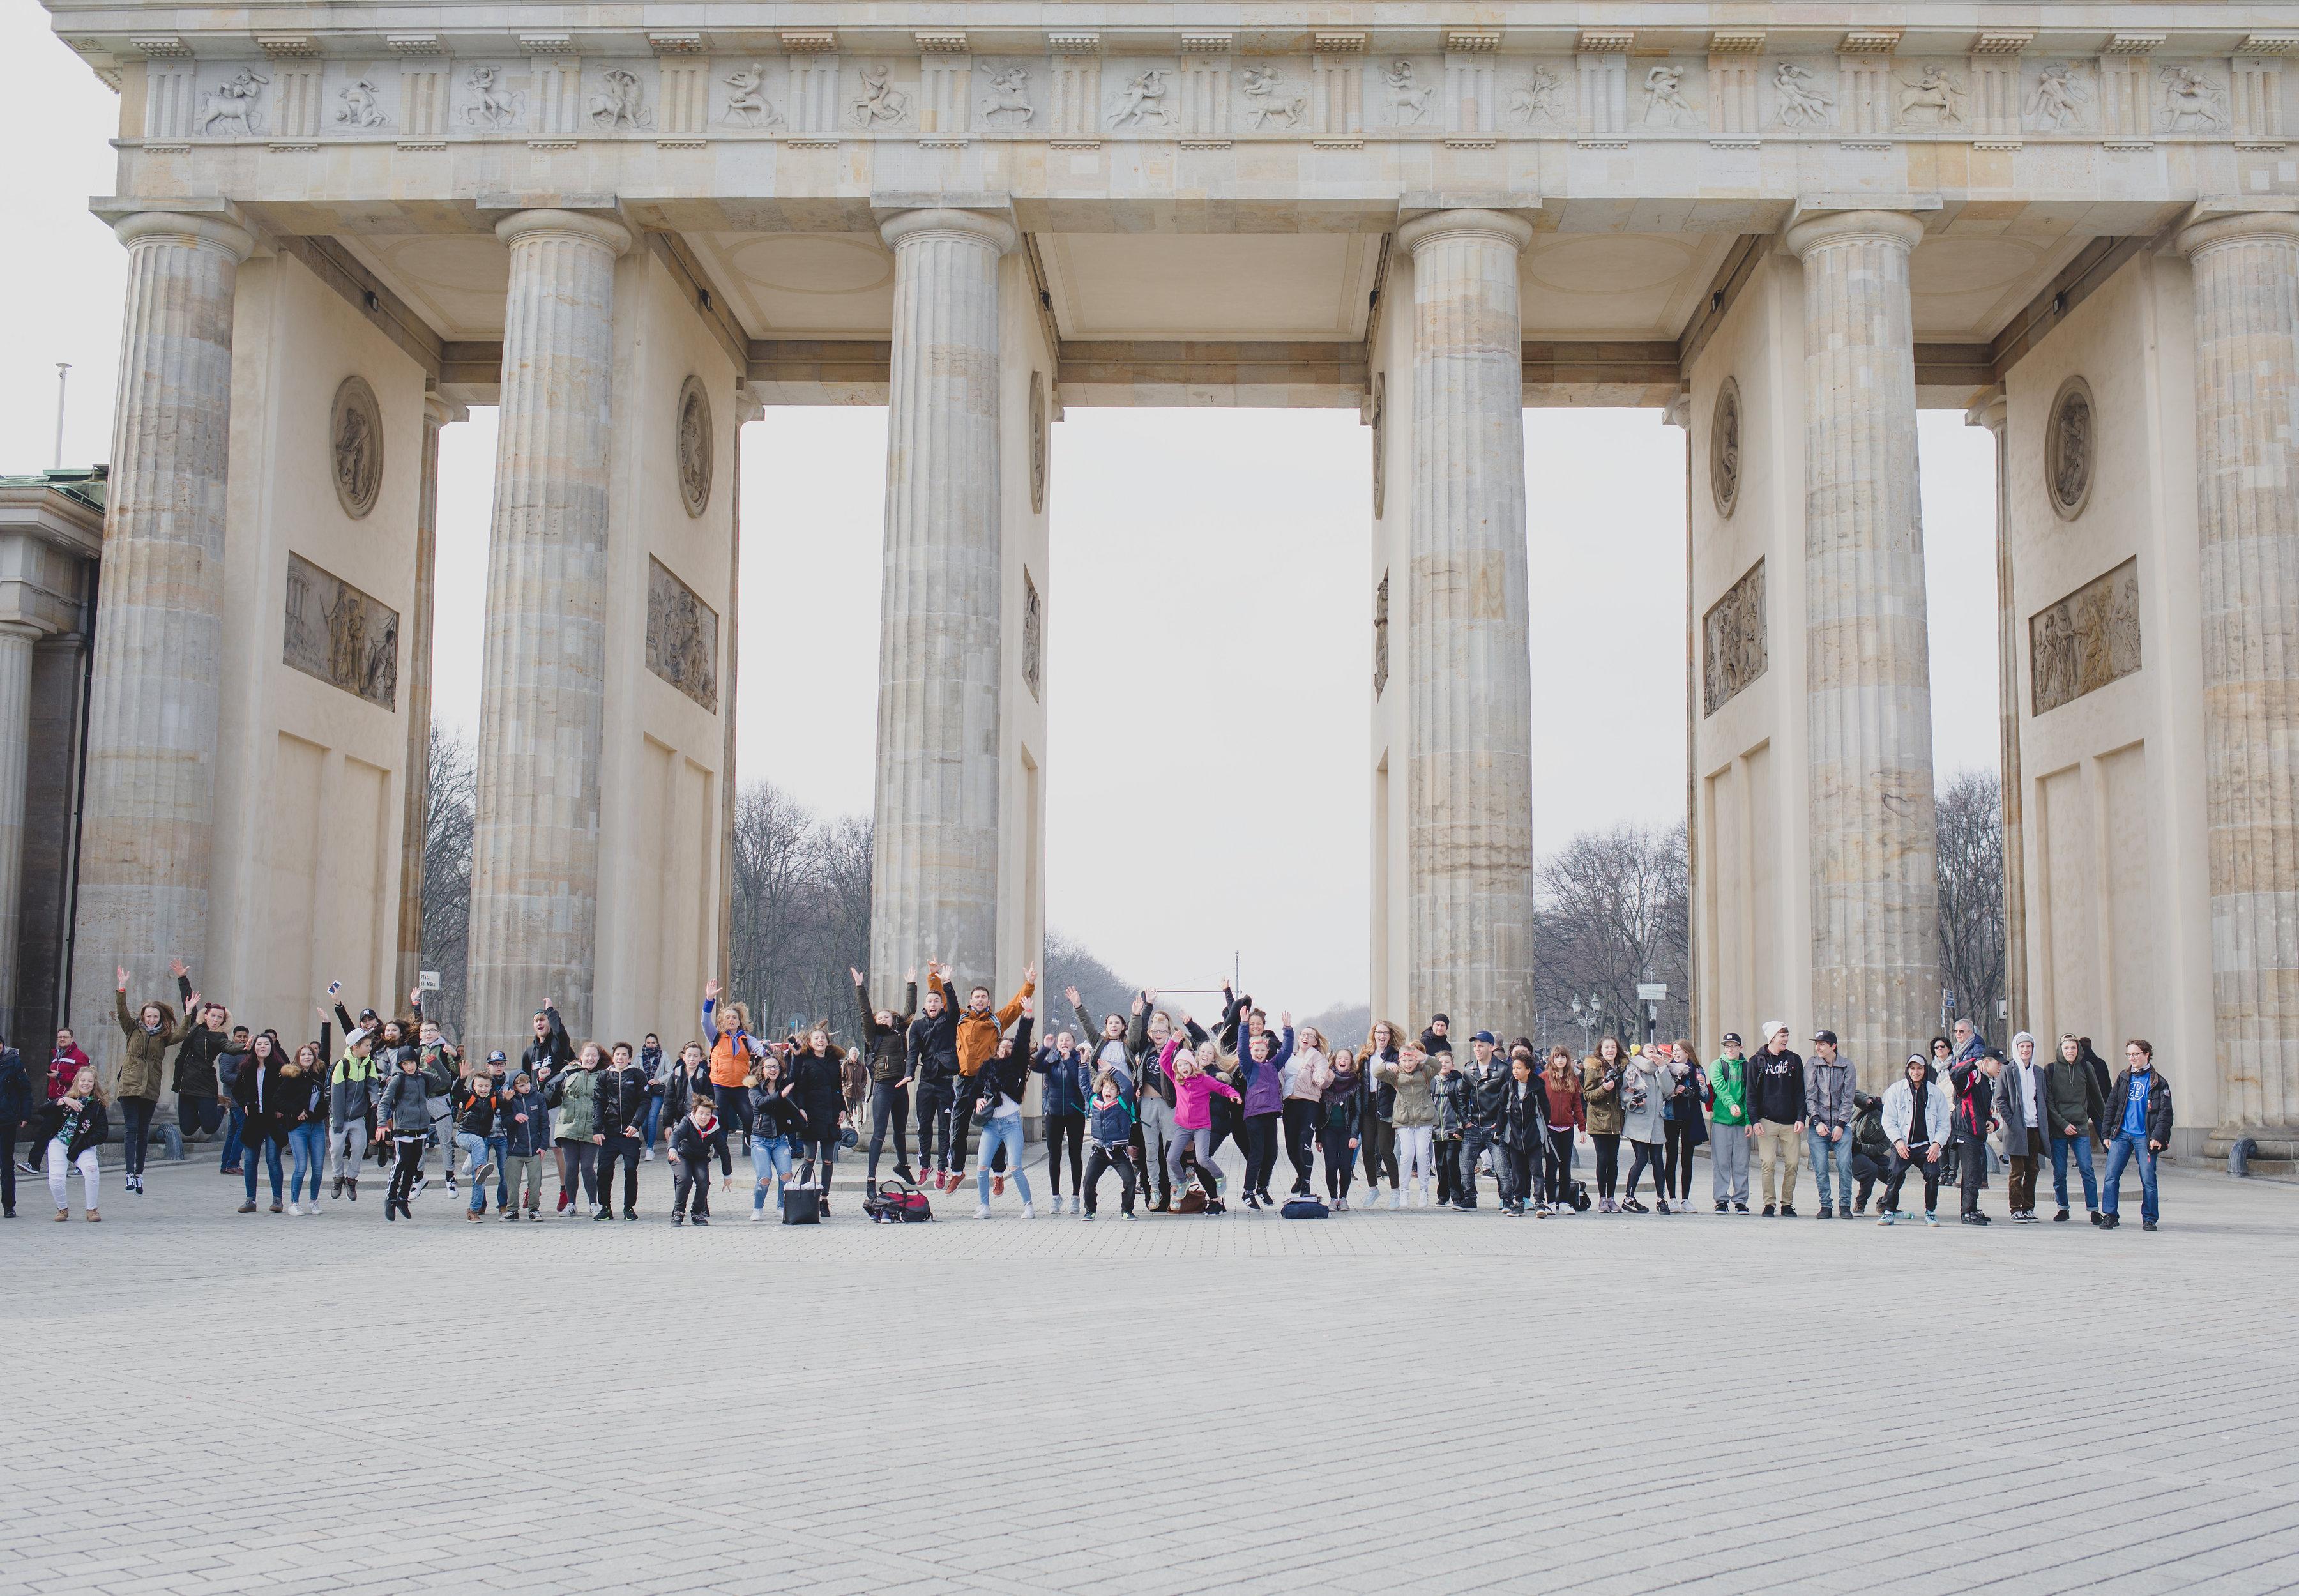 CS_juzelohr-berlin-237